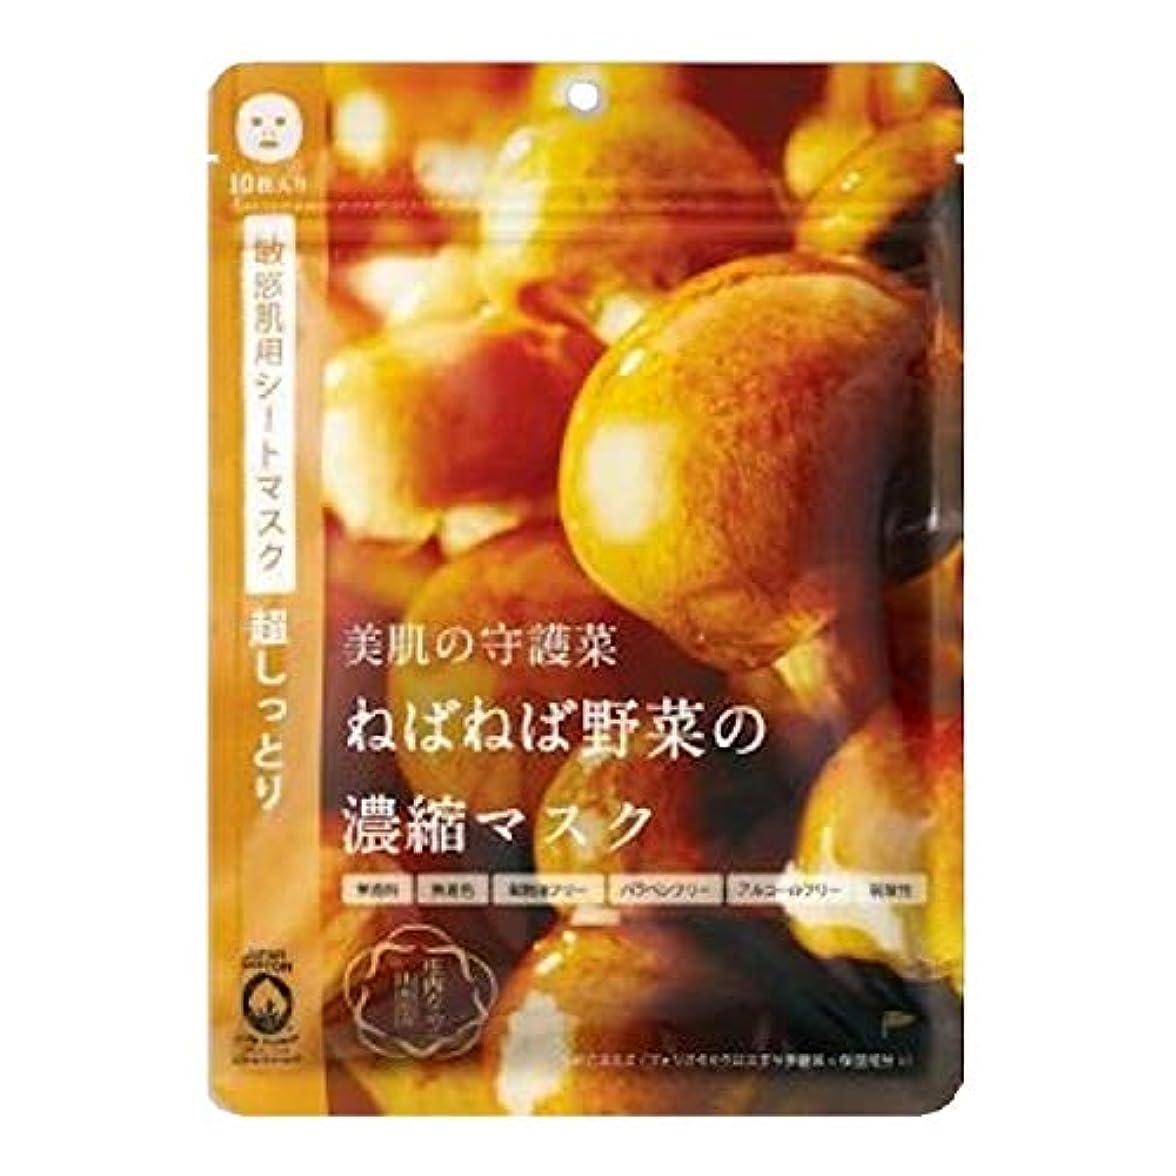 それに応じて指定め言葉@cosme nippon 美肌の守護菜 ねばねば野菜の濃縮マスク 庄内なめこ 10枚入り 160ml